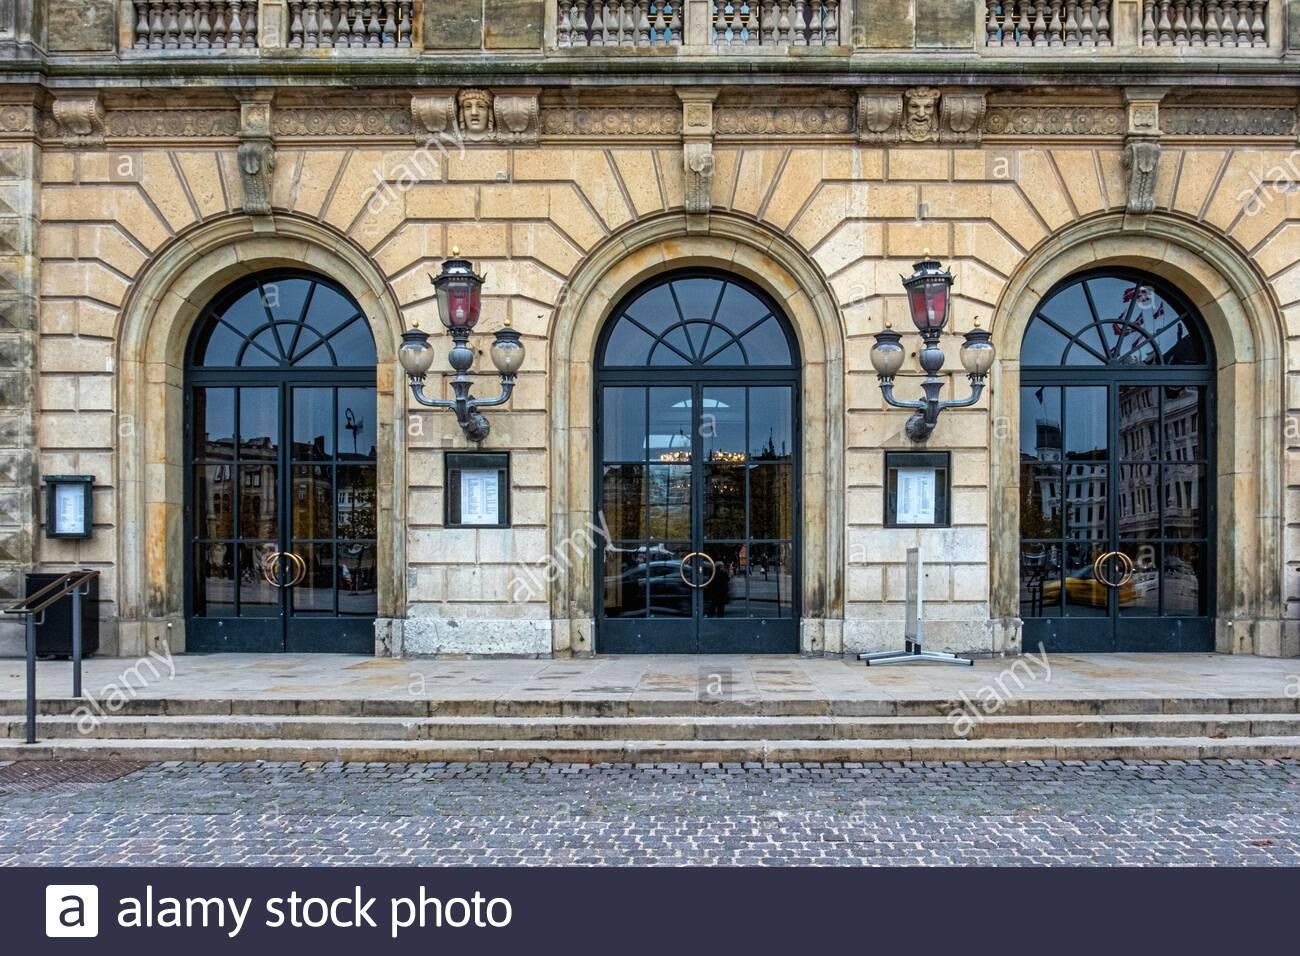 eintritt zum royal danish theatre das heutige gebaude wurde von den jahren 1872 74 erbaut und von wilhelm dahlerup am kongens nytorv 1 kopenhagen danemark entworfen es hat eine kunst 2amyx53